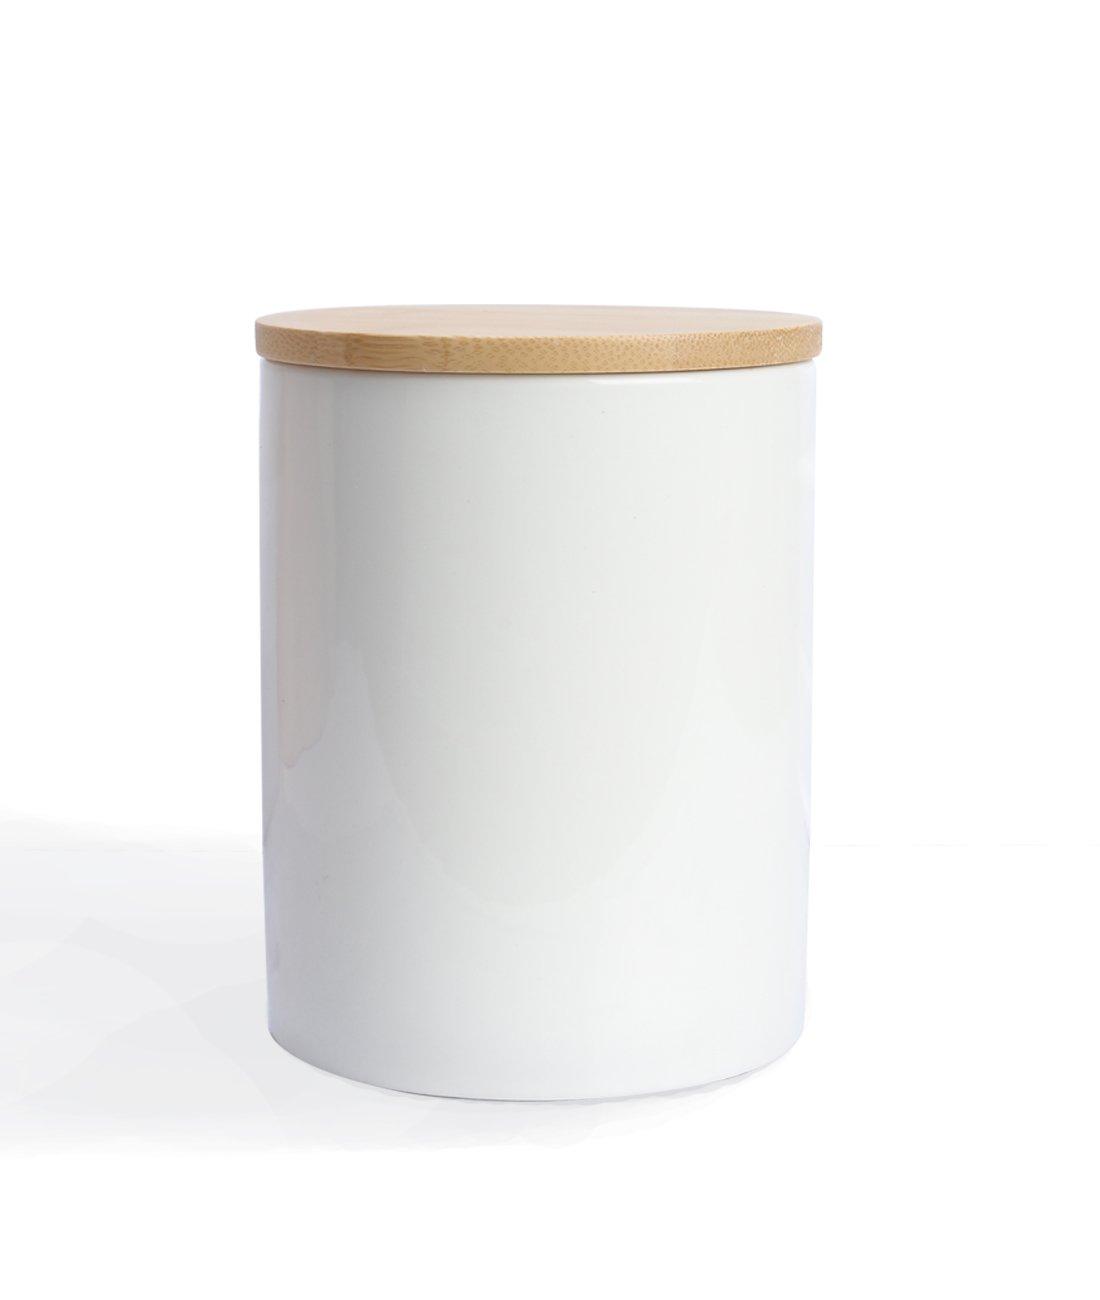 Fecihor Küche Keramik-Dose Behälter-Set mit luftdichter Verschluss ...